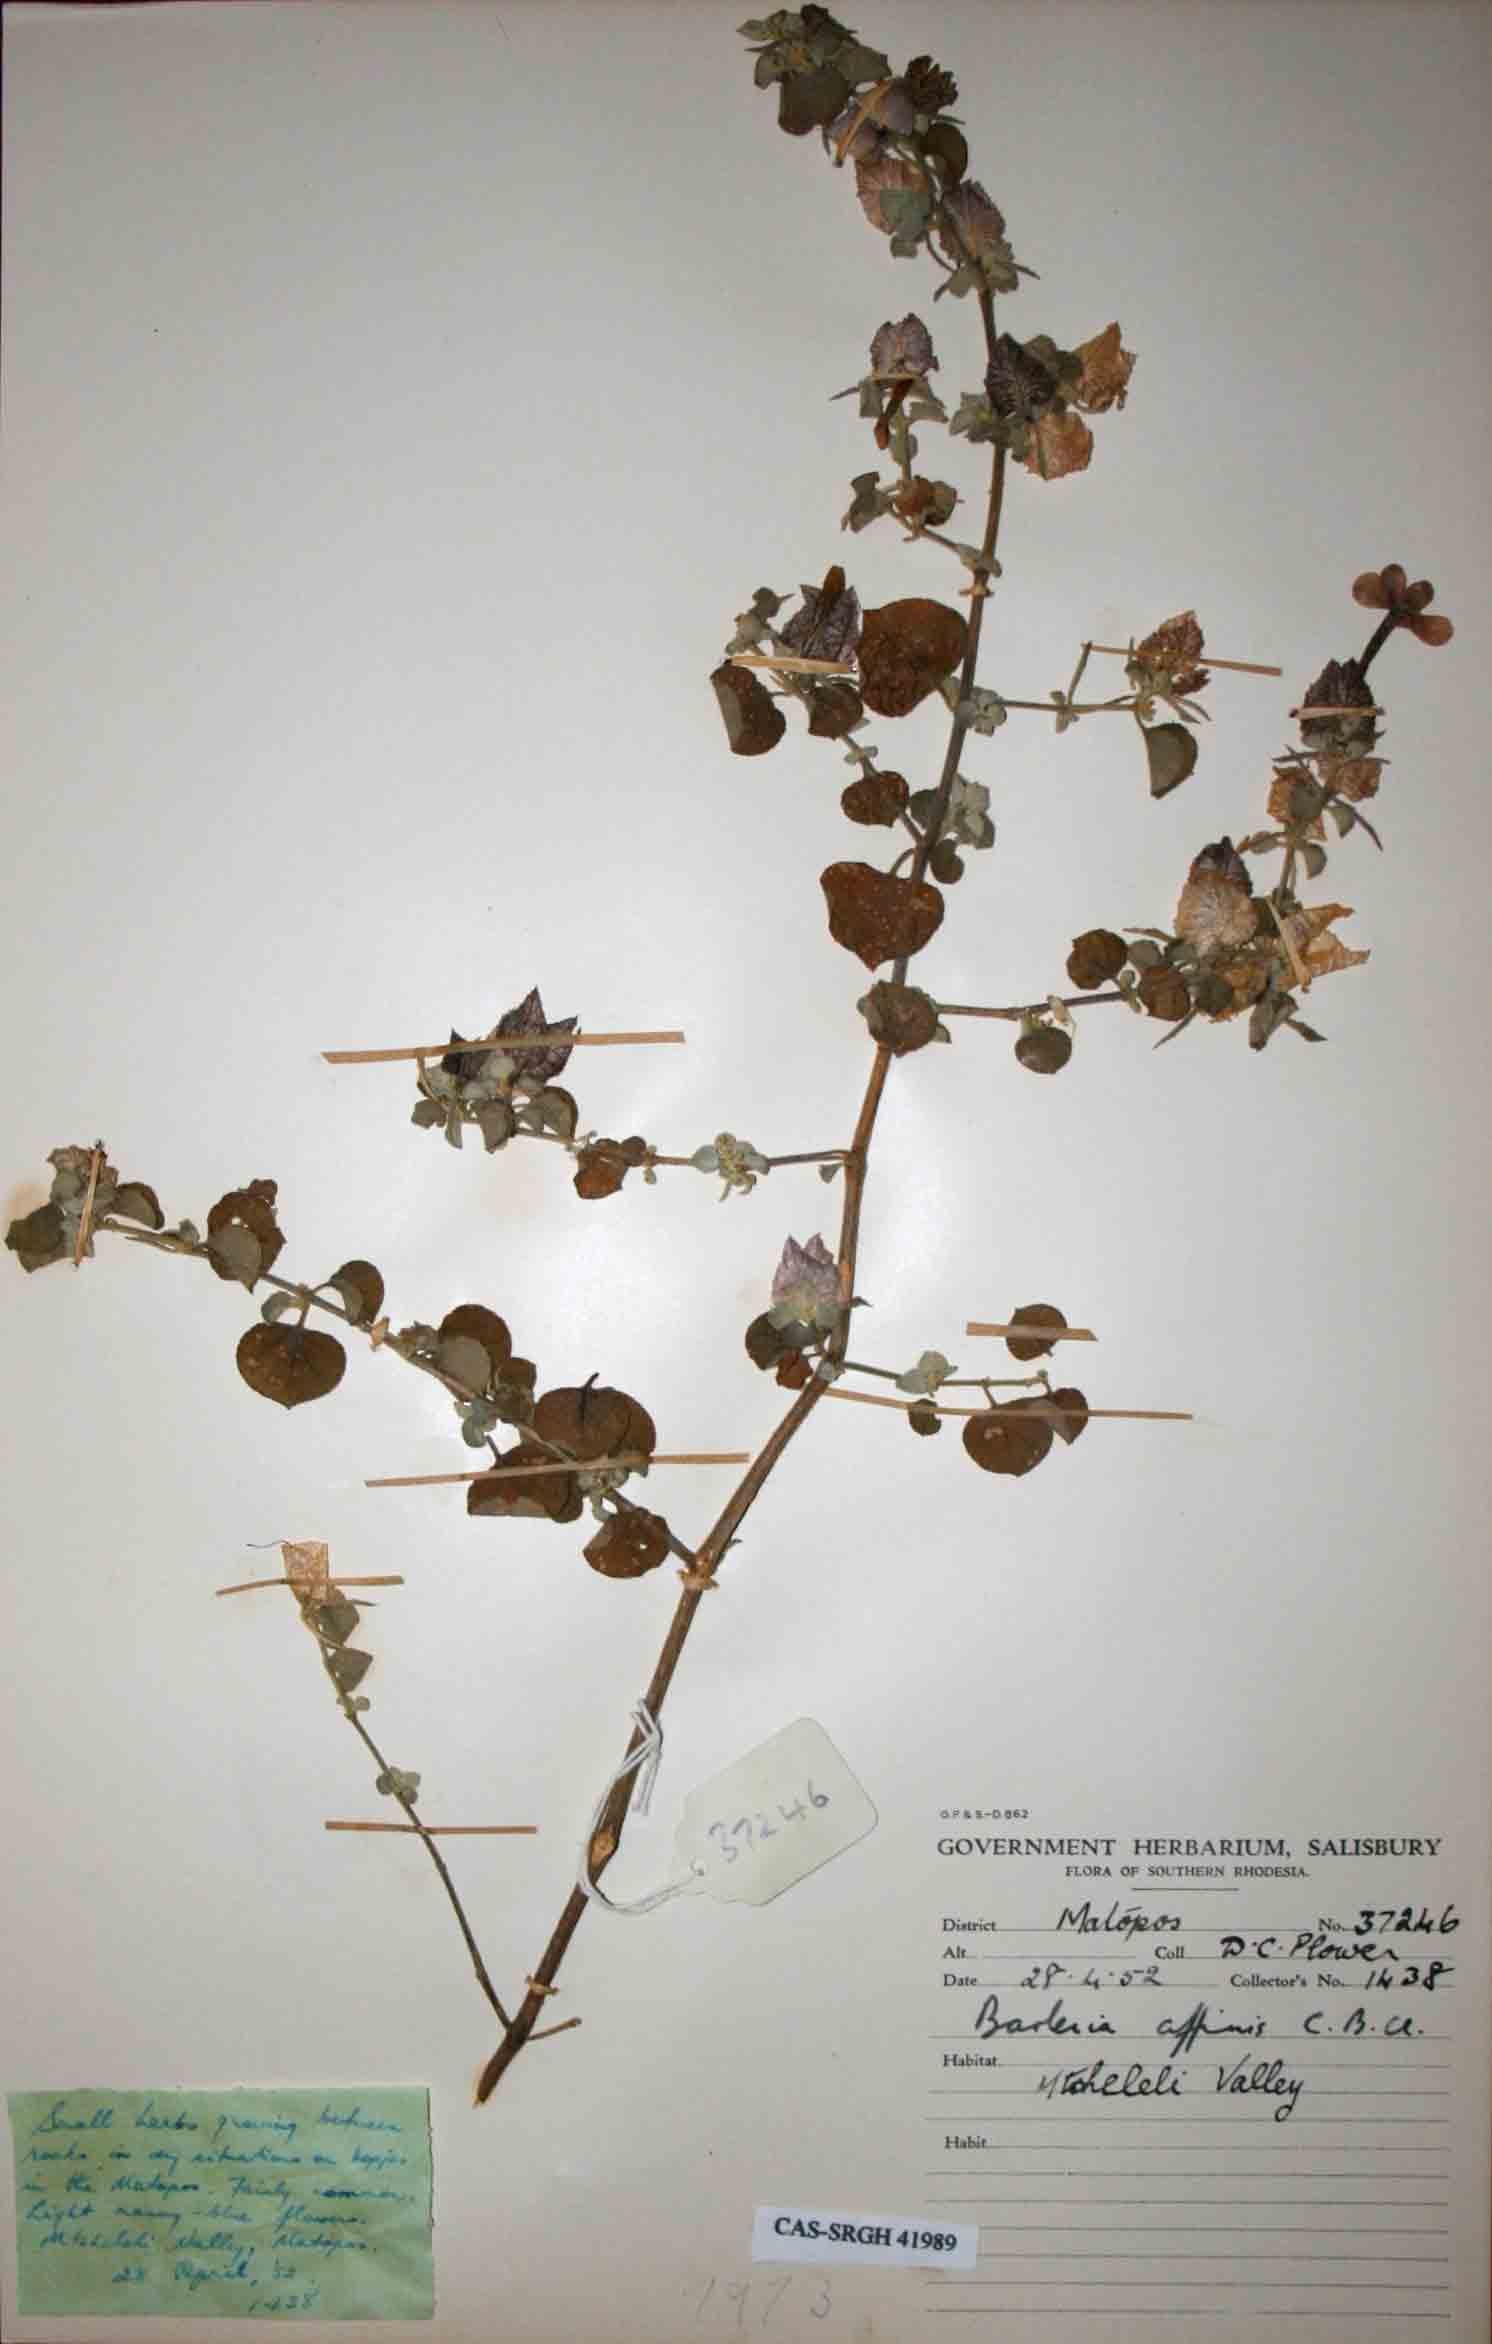 Barleria affinis subsp. affinis